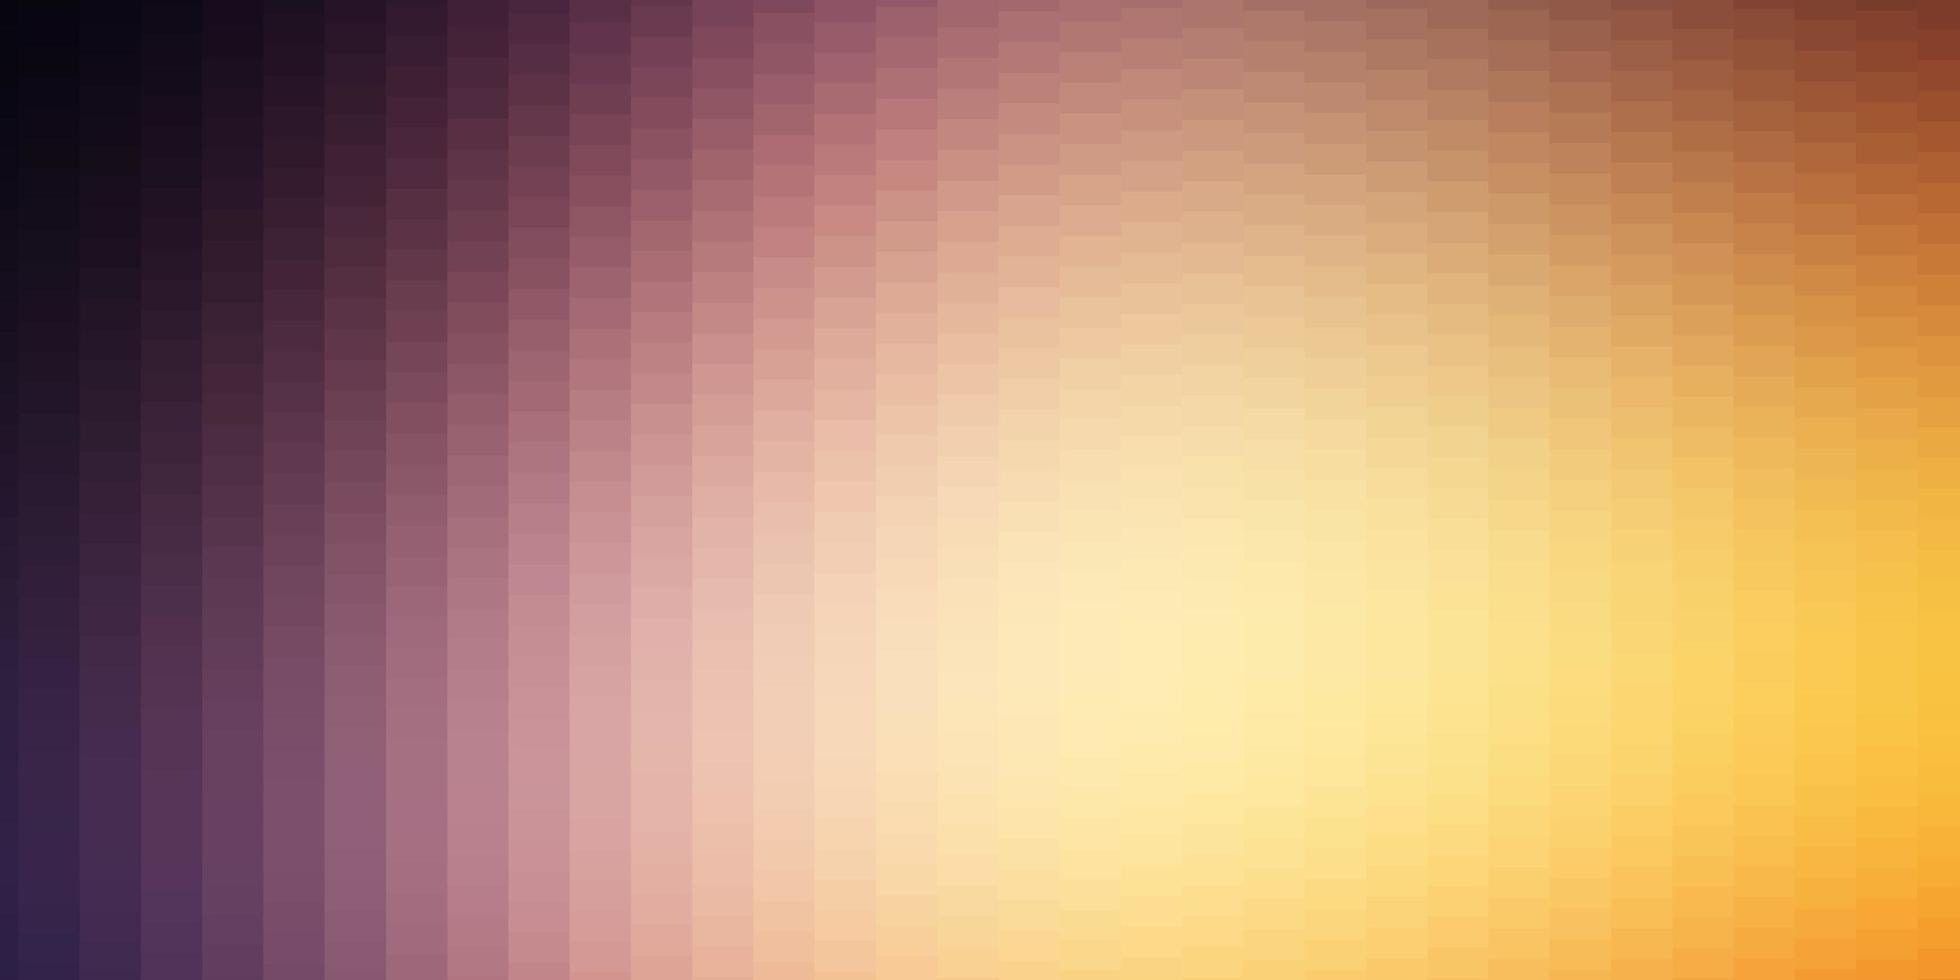 ljusrosa, gul vektorlayout med linjer, rektanglar. vektor